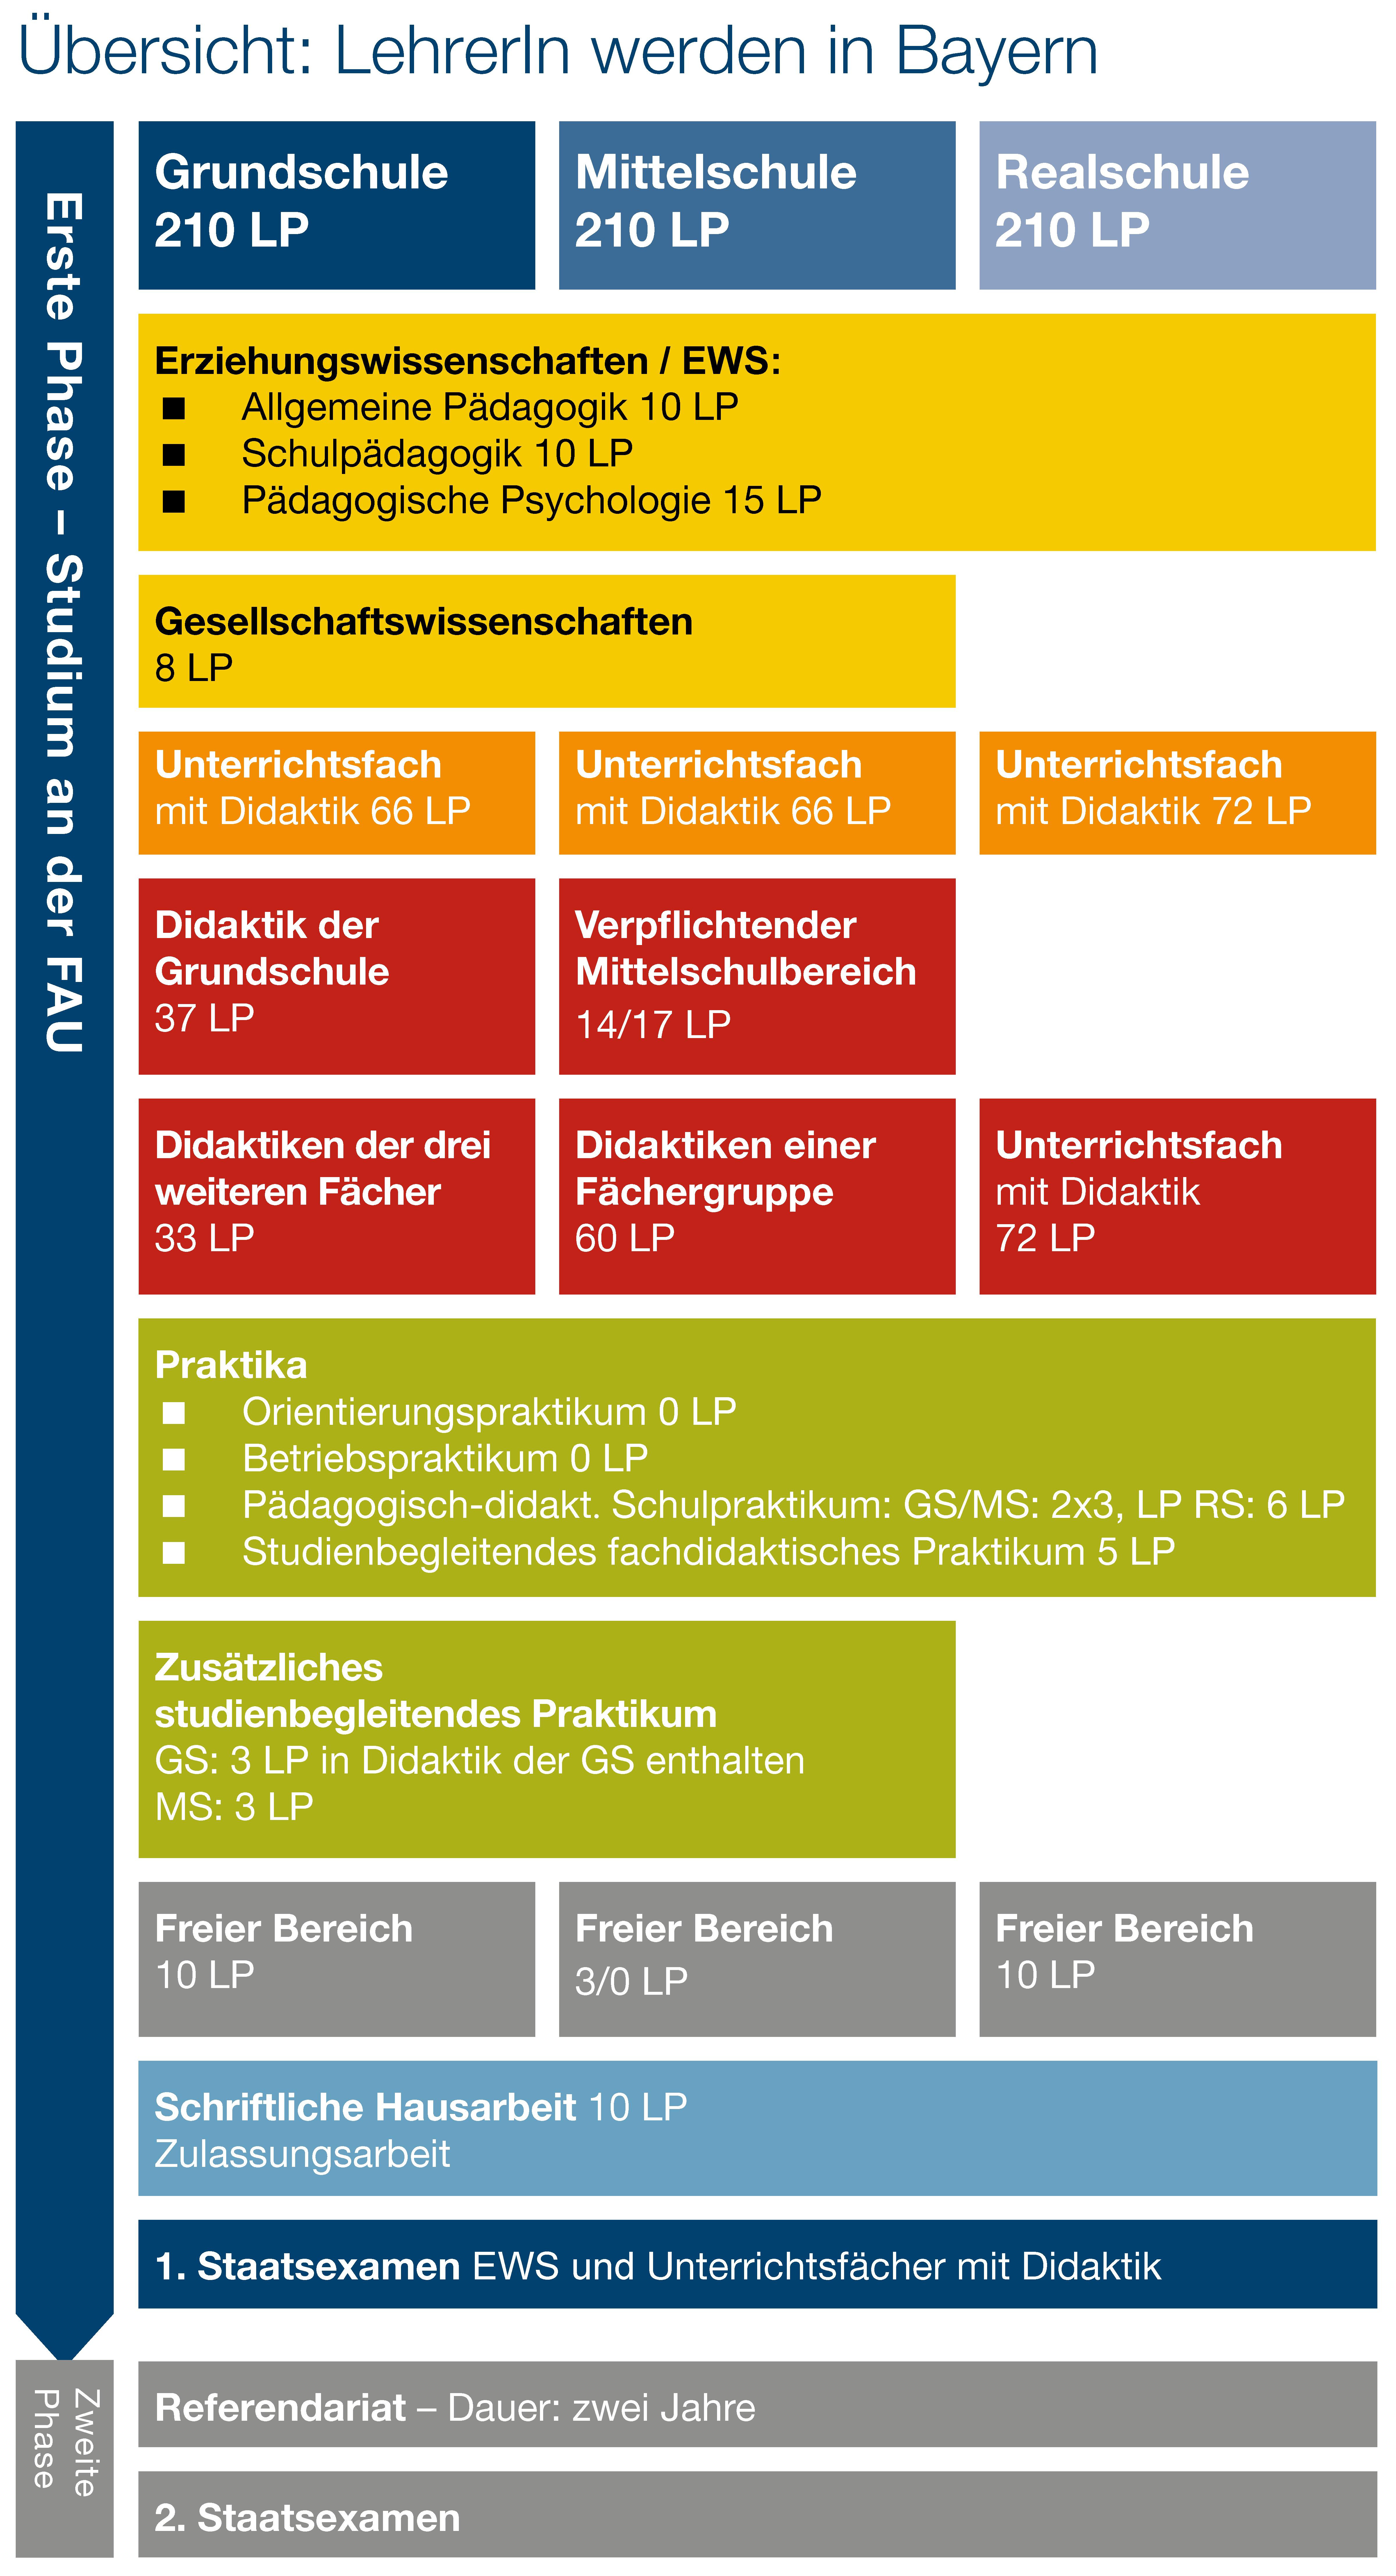 Grafik Lehramtsstudium in Bayern nicht vertieft (Quelle: ZfL)